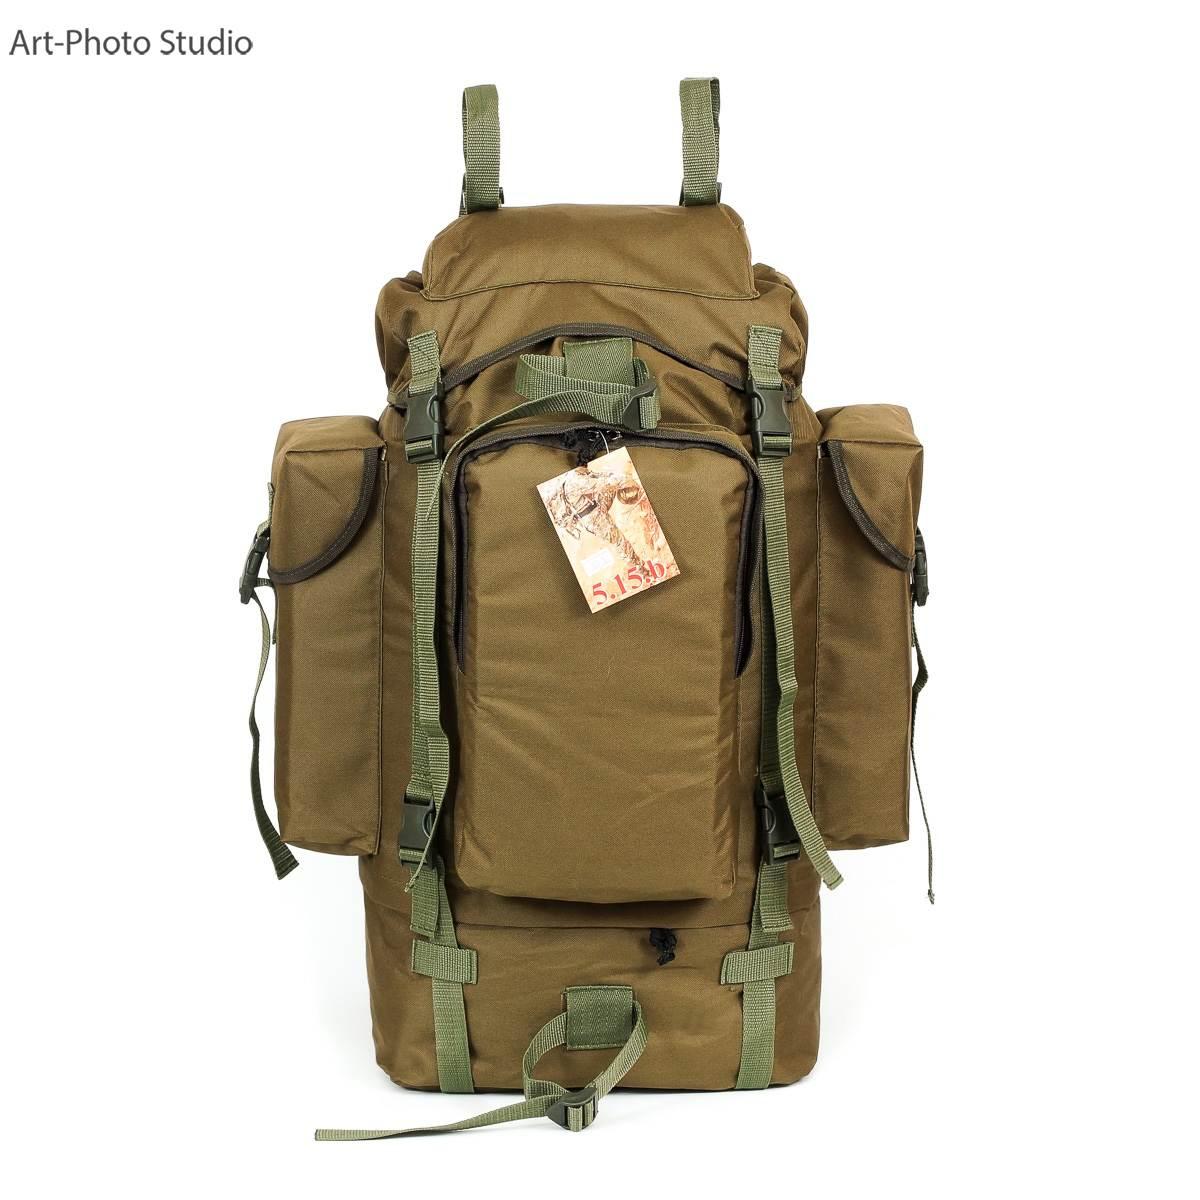 фотография туристского универсального рюкзака цвета койот